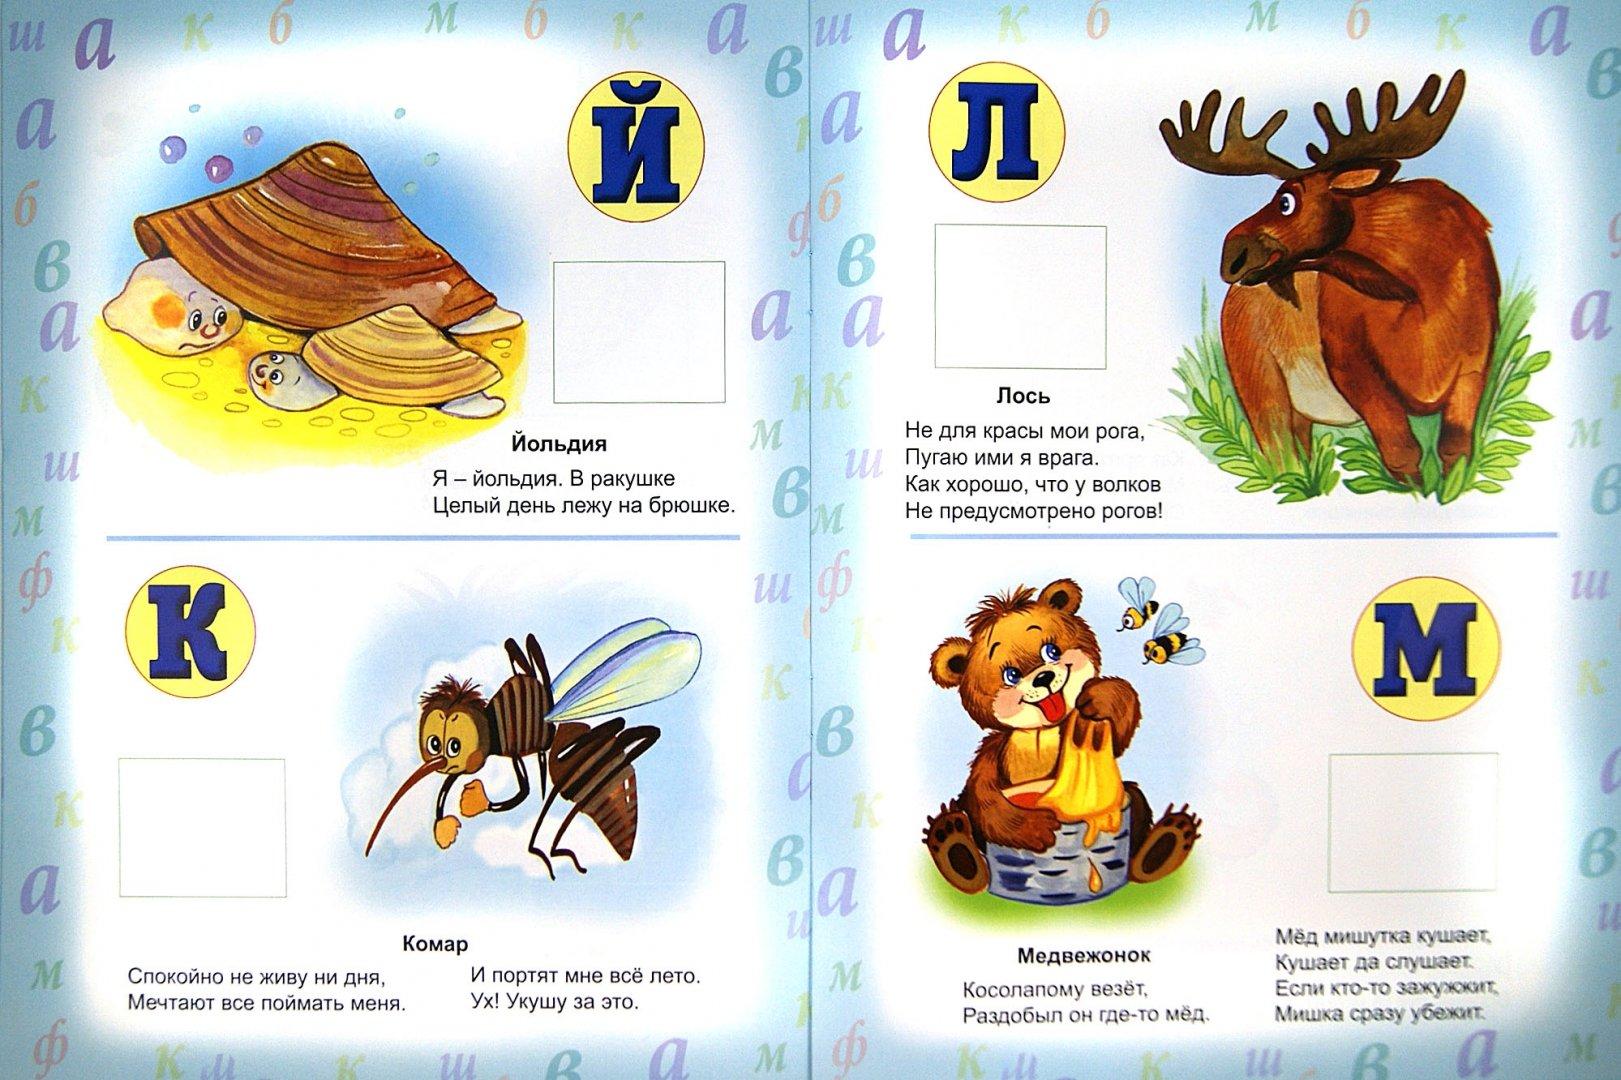 Иллюстрация 1 из 16 для Учим дома алфавит - Т. Коваль   Лабиринт - книги. Источник: Лабиринт